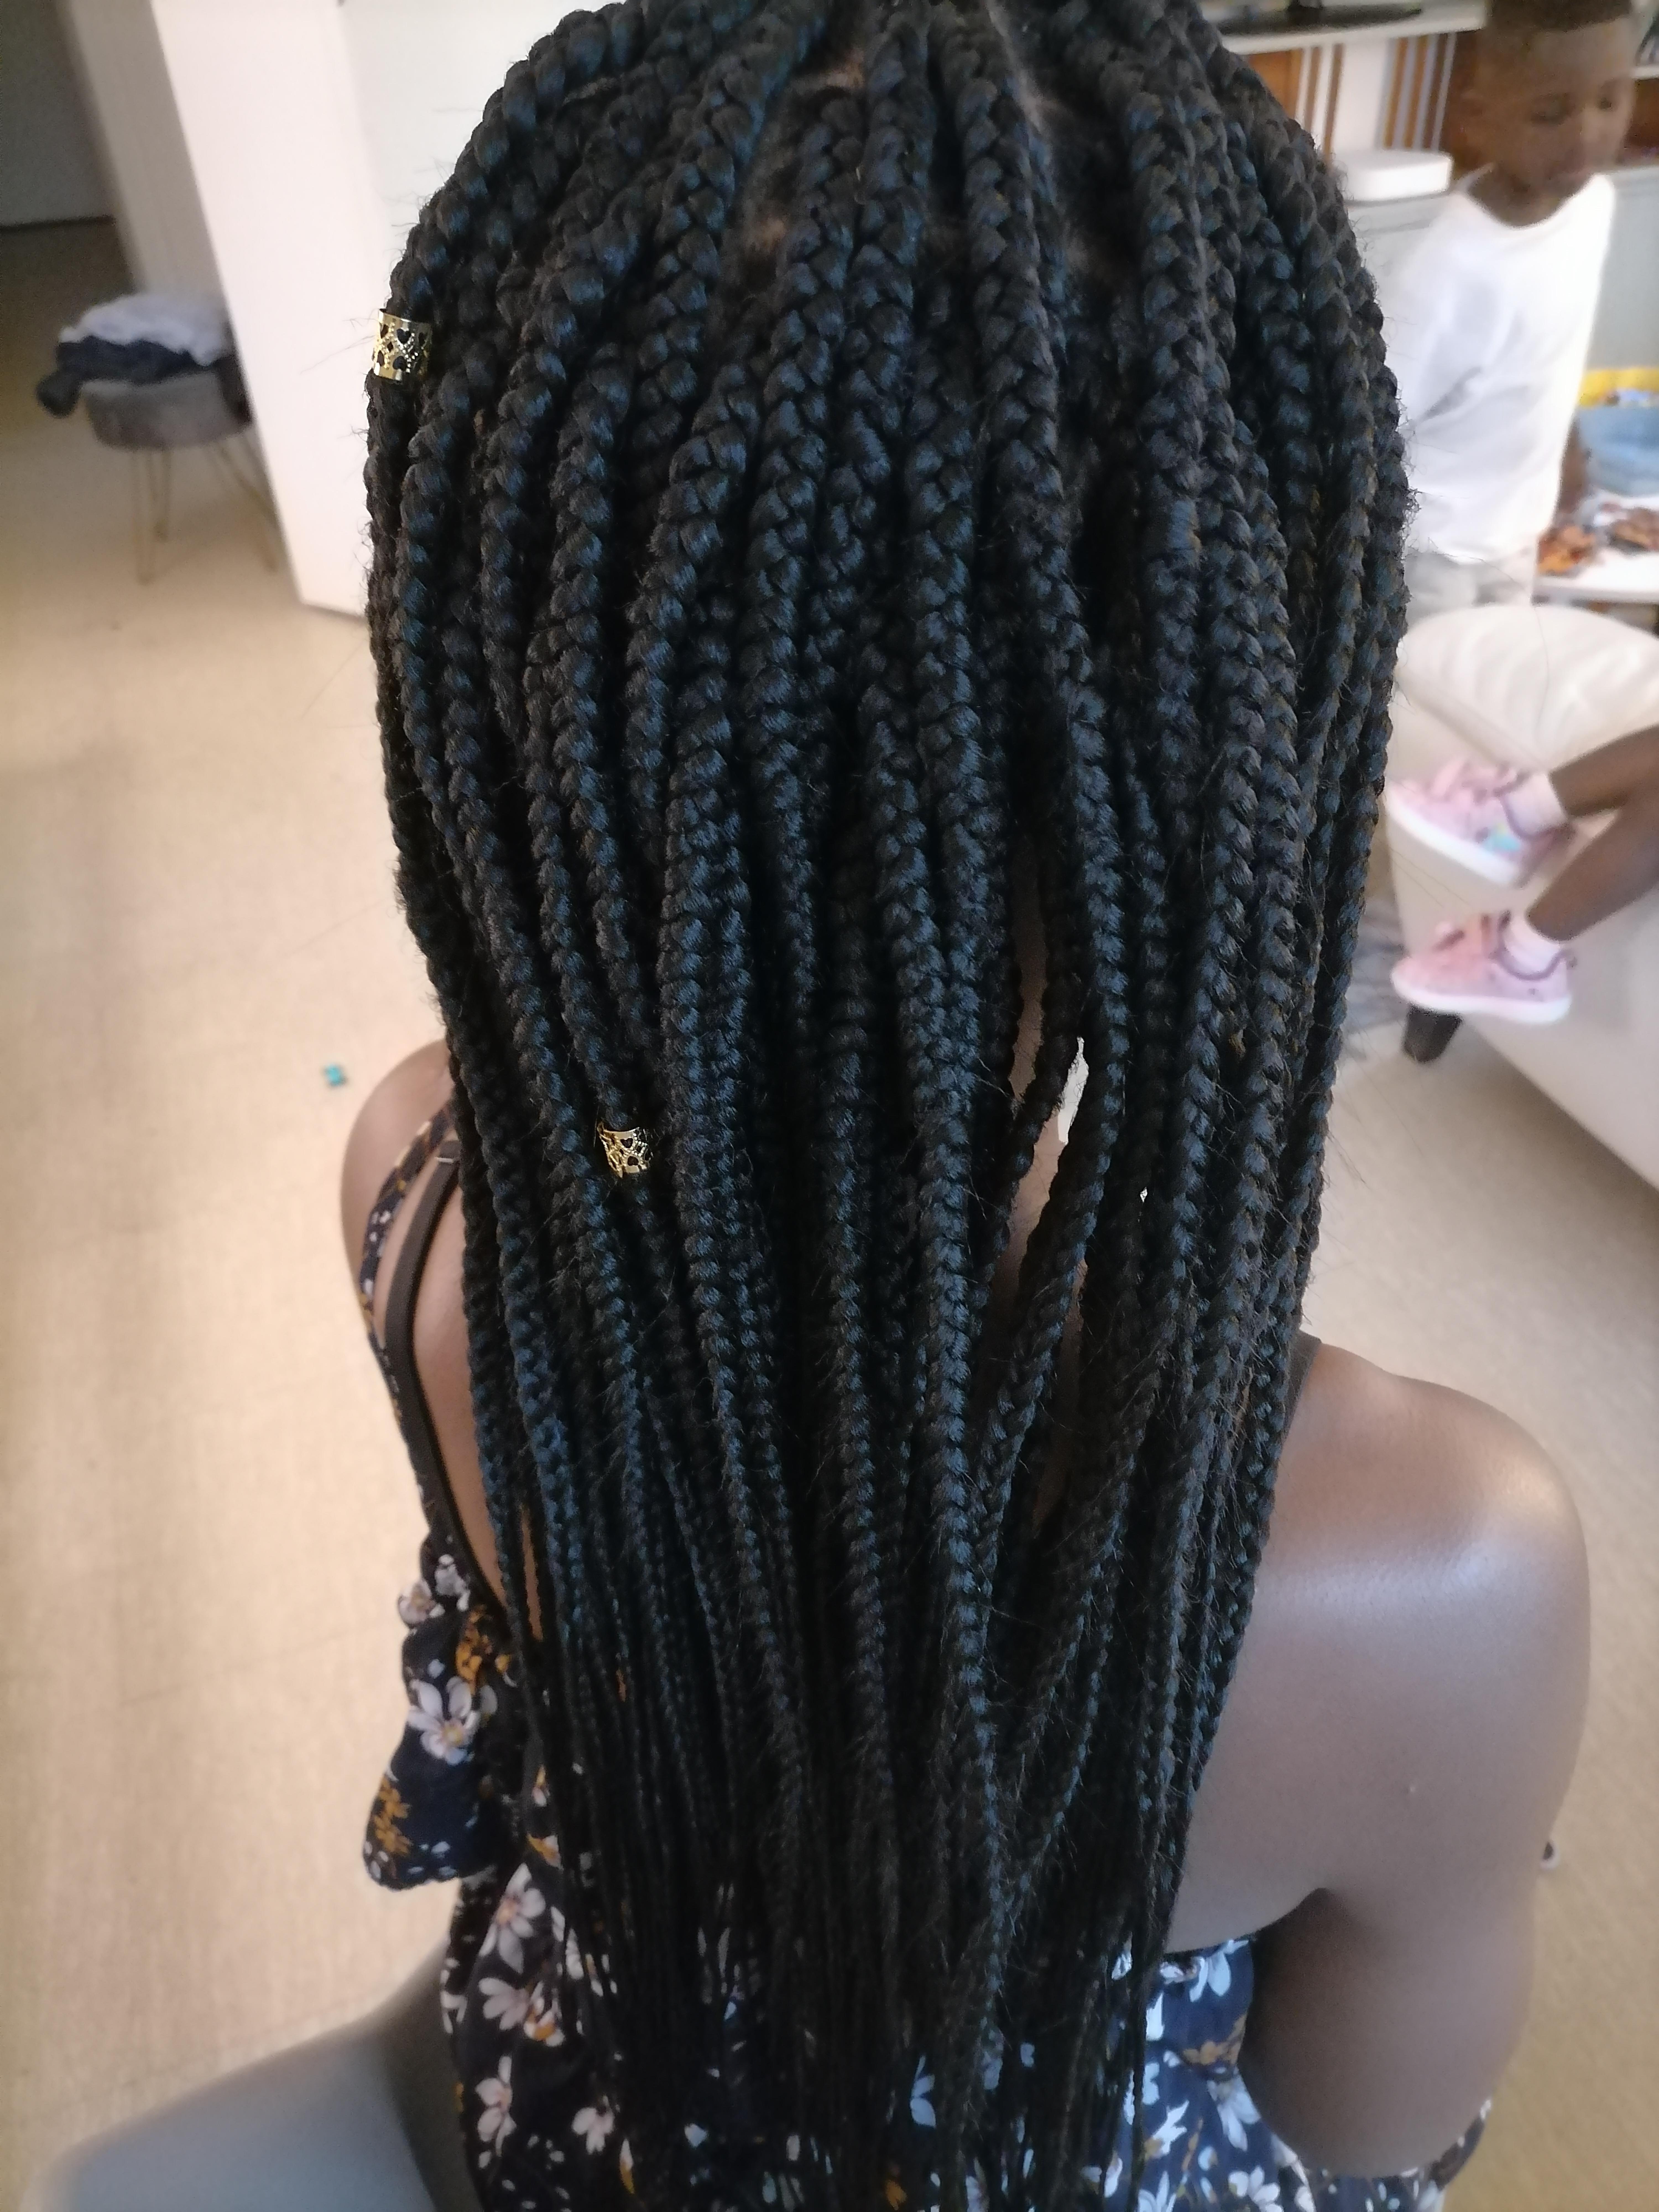 salon de coiffure afro tresse tresses box braids crochet braids vanilles tissages paris 75 77 78 91 92 93 94 95 HTUQPCBY